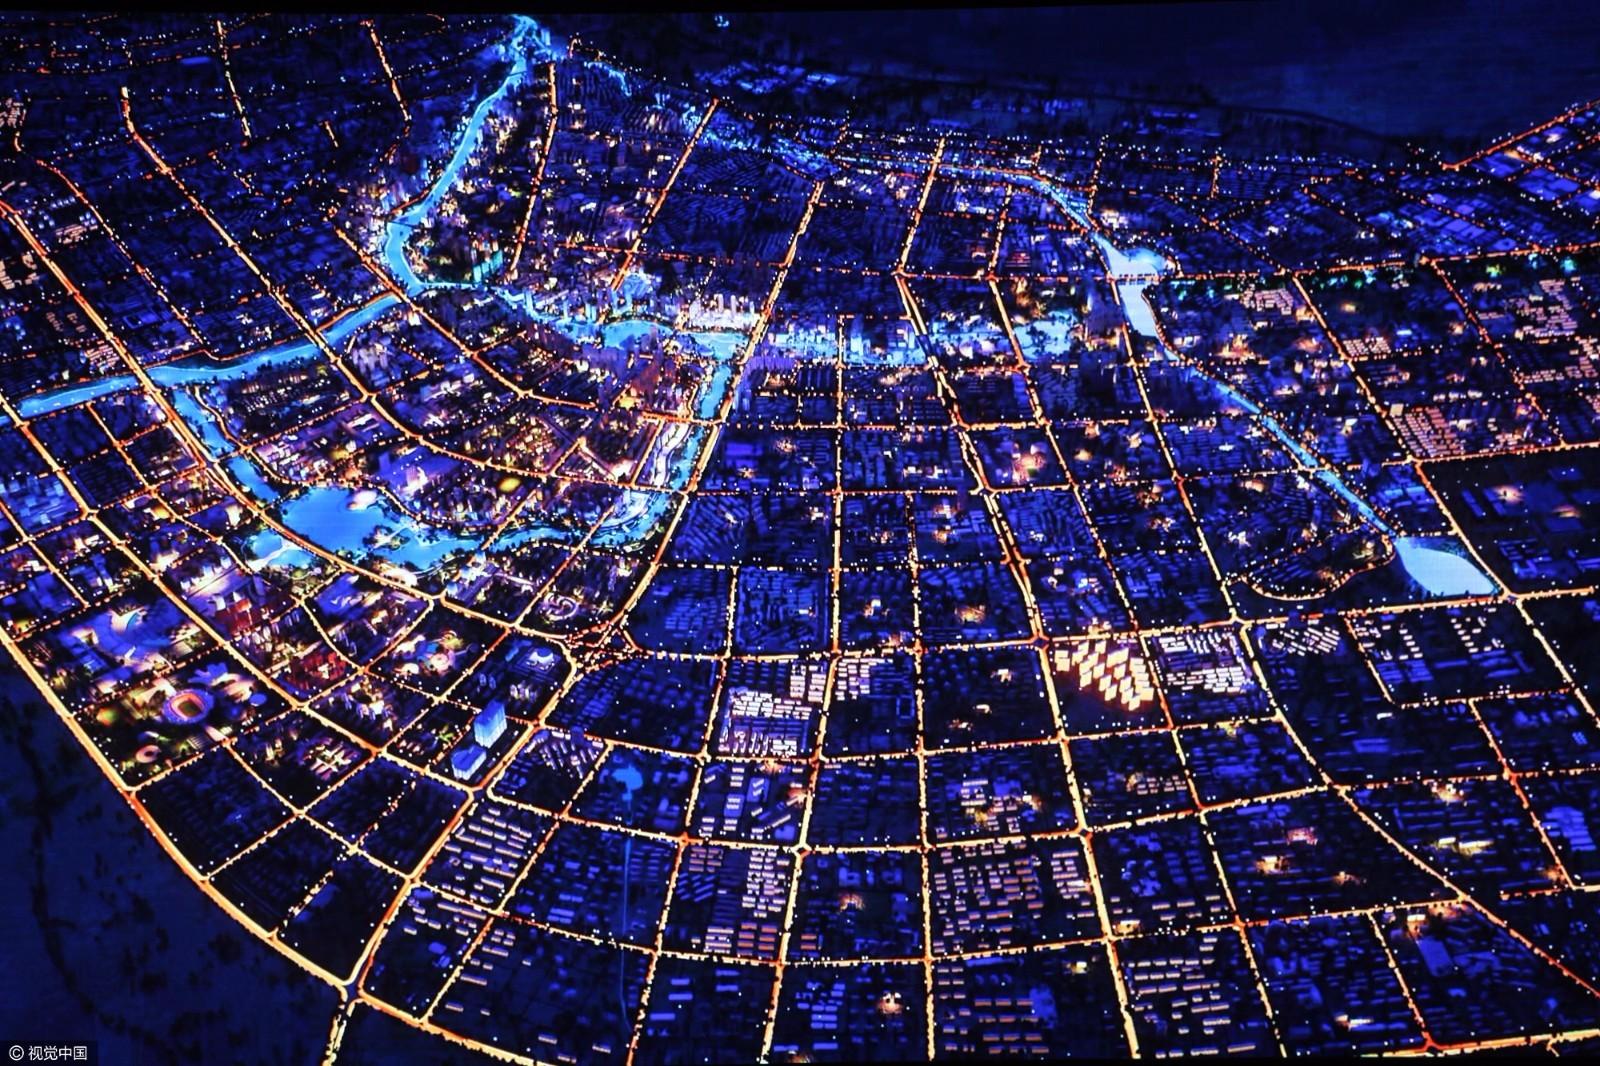 裸眼3d图片怎么看_裸眼3d看城市全景 高科技数字沙盘亮相新疆